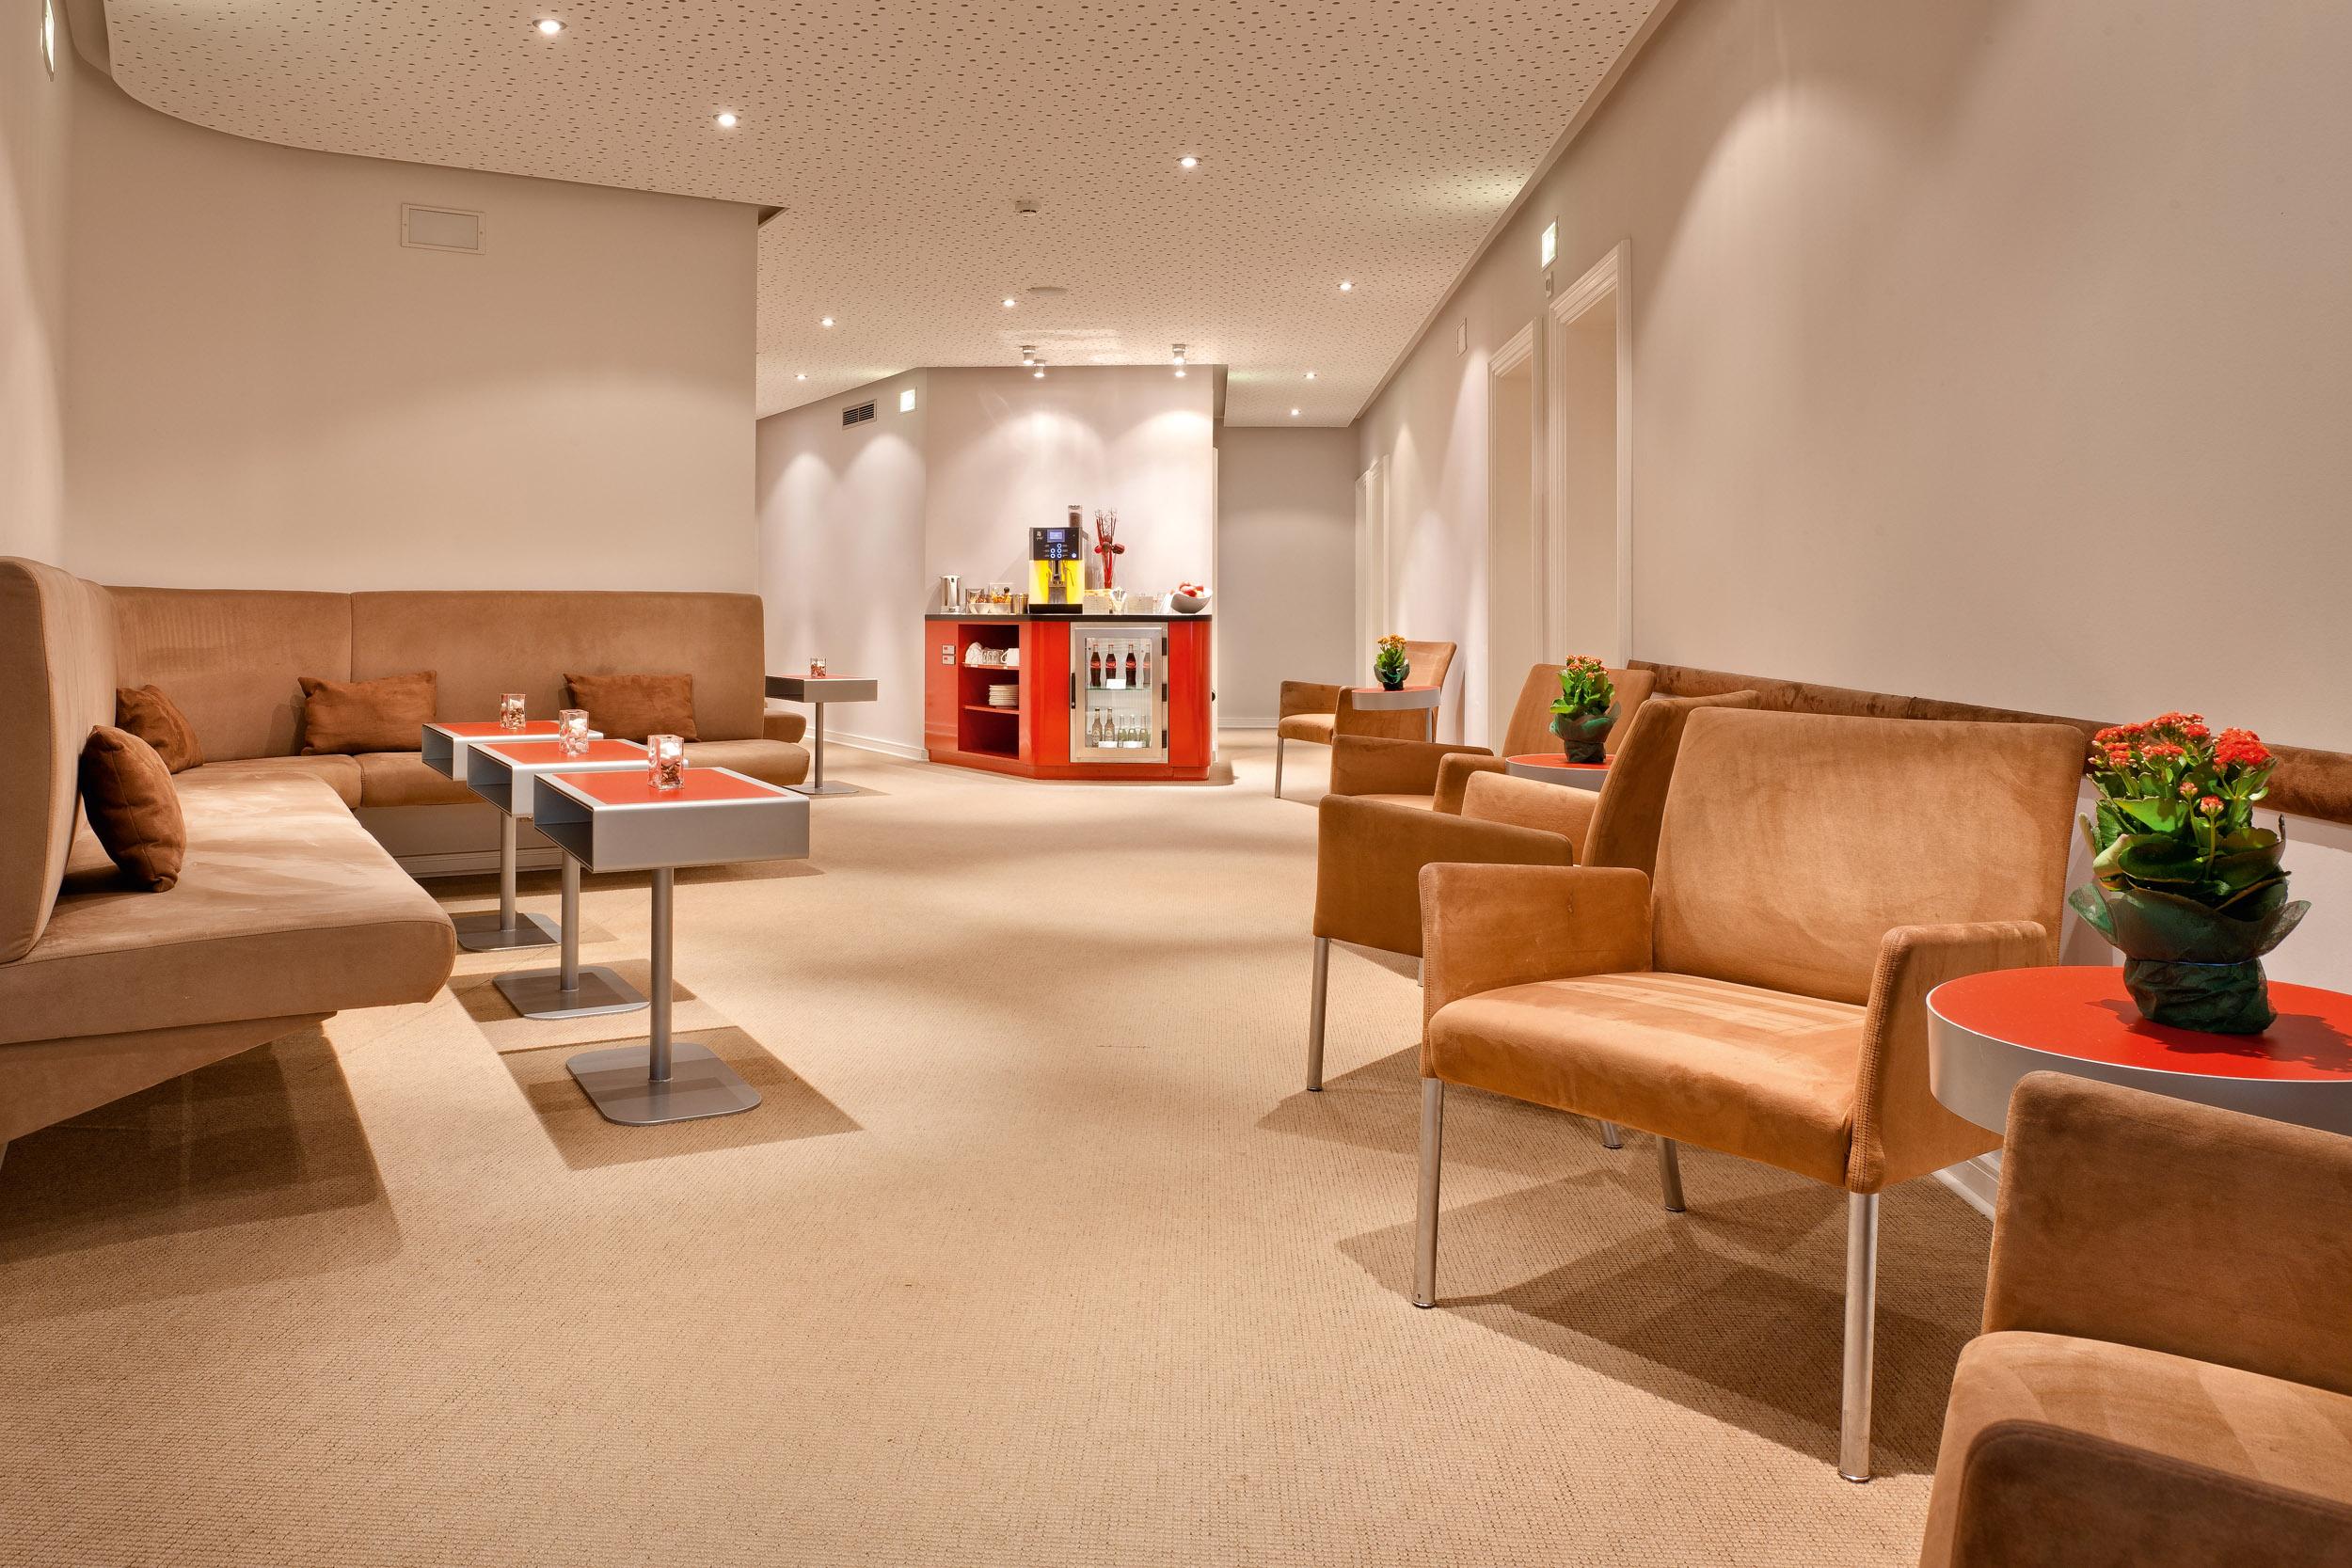 gaestehaus-der-elb-lounge-lounge